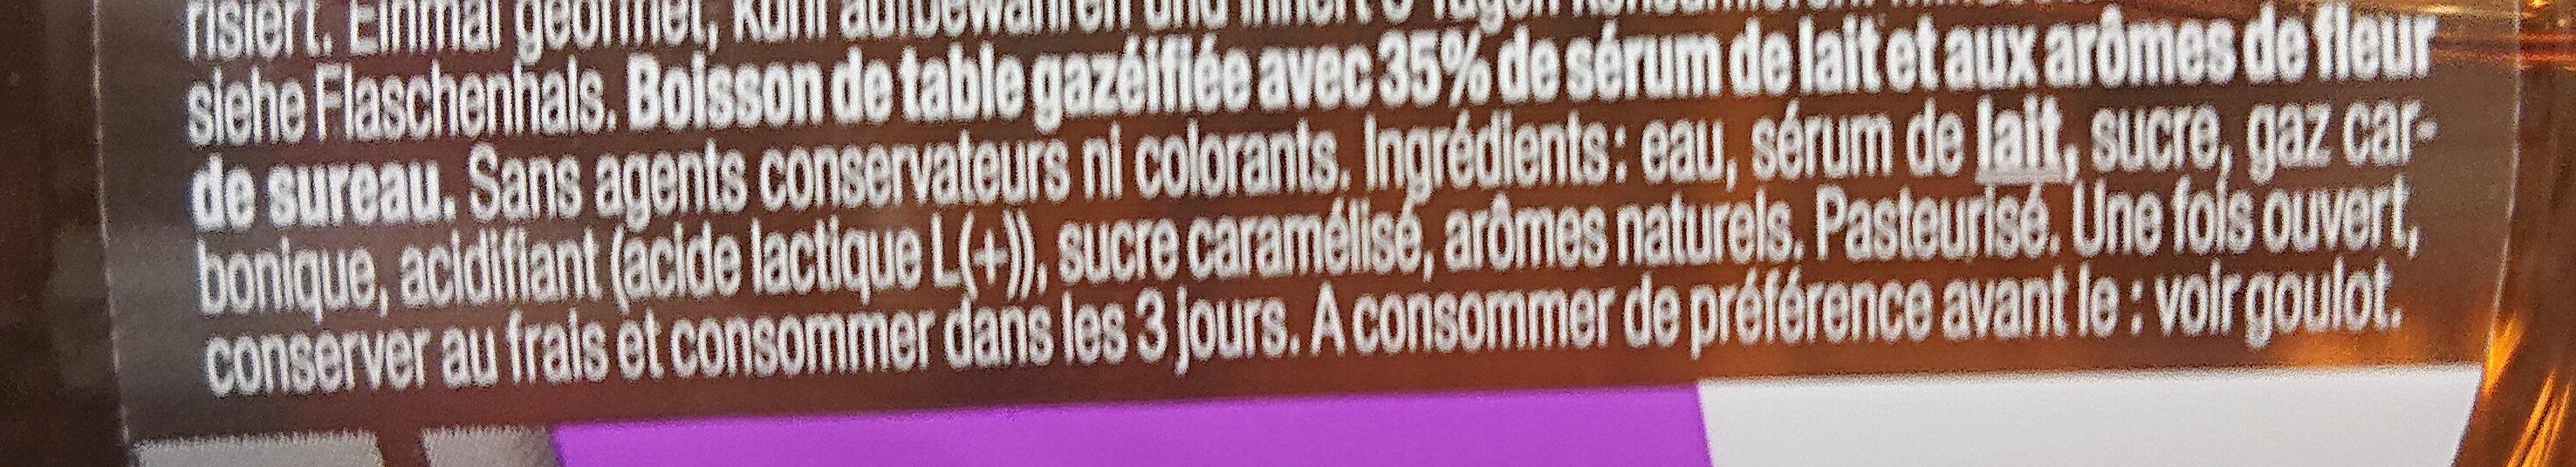 Rivella fleur de sureau - Ingredients - fr